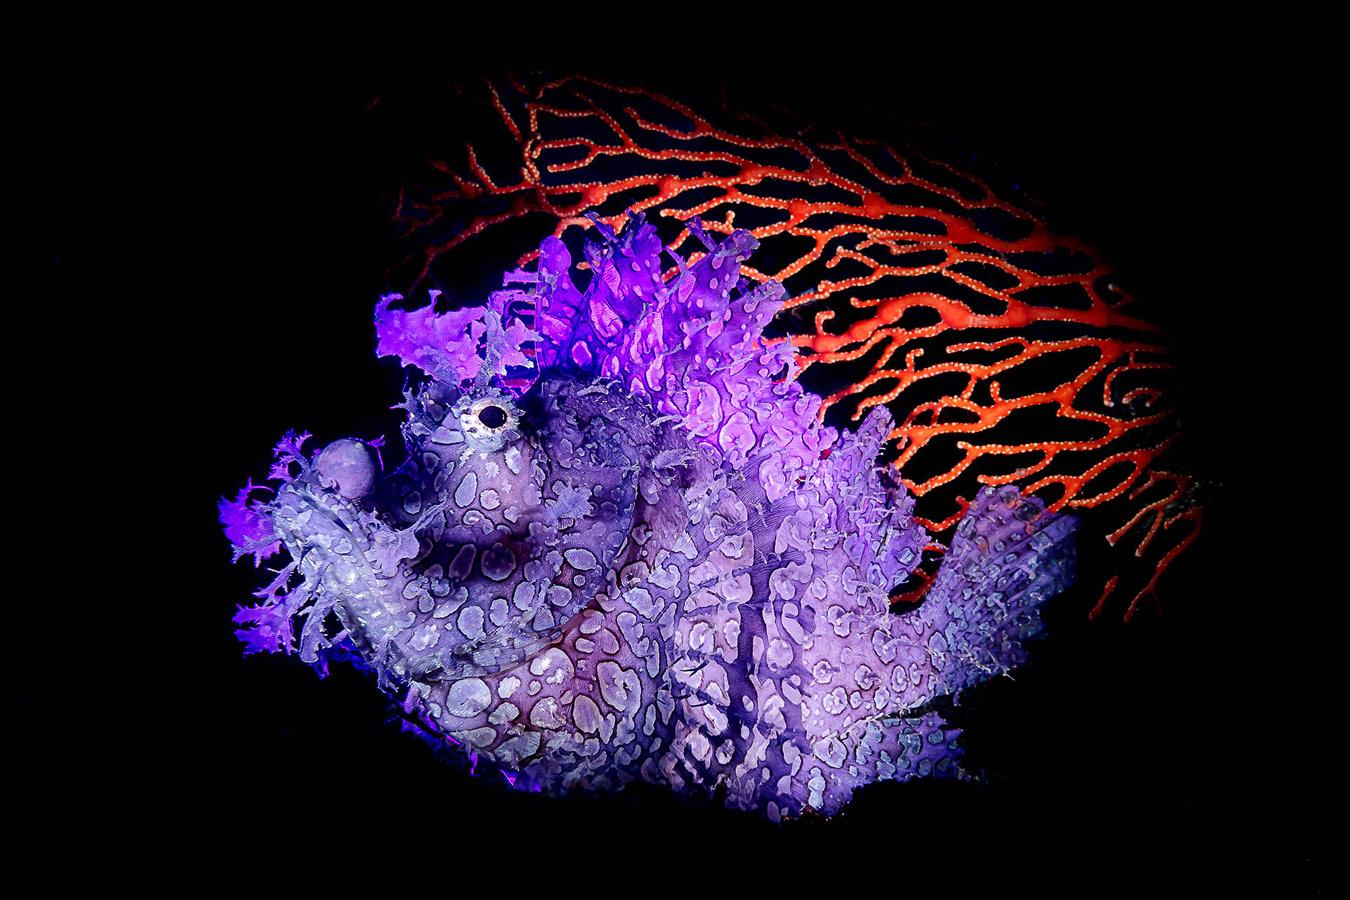 Ринопиасы, Амбон, Индонезия, © Юнг Сен Ву, Килунг, Тайвань, Победитель категории «Океан», Фотоконкурс «Лучшая природная фотография Азии»